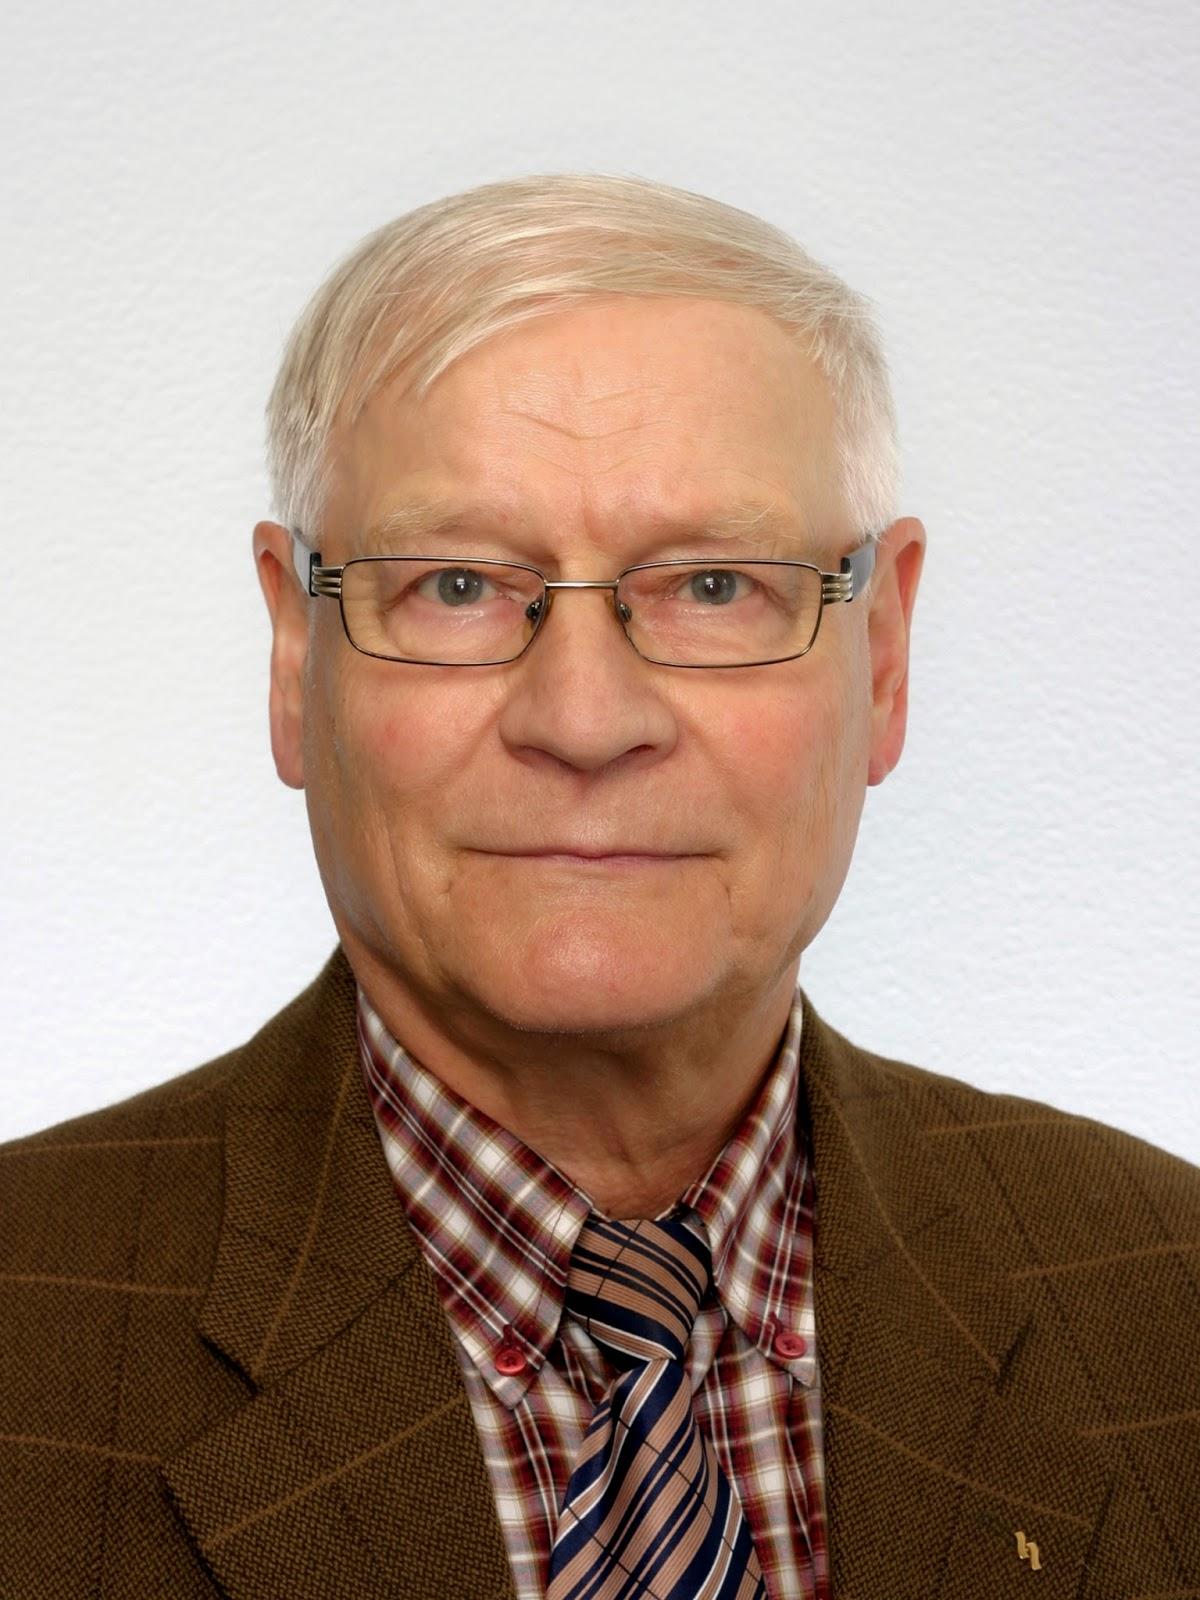 Mikkelin Keskustan Seurakuntaväki - valitsijayhdistys: Seurakuntavaalit 2014